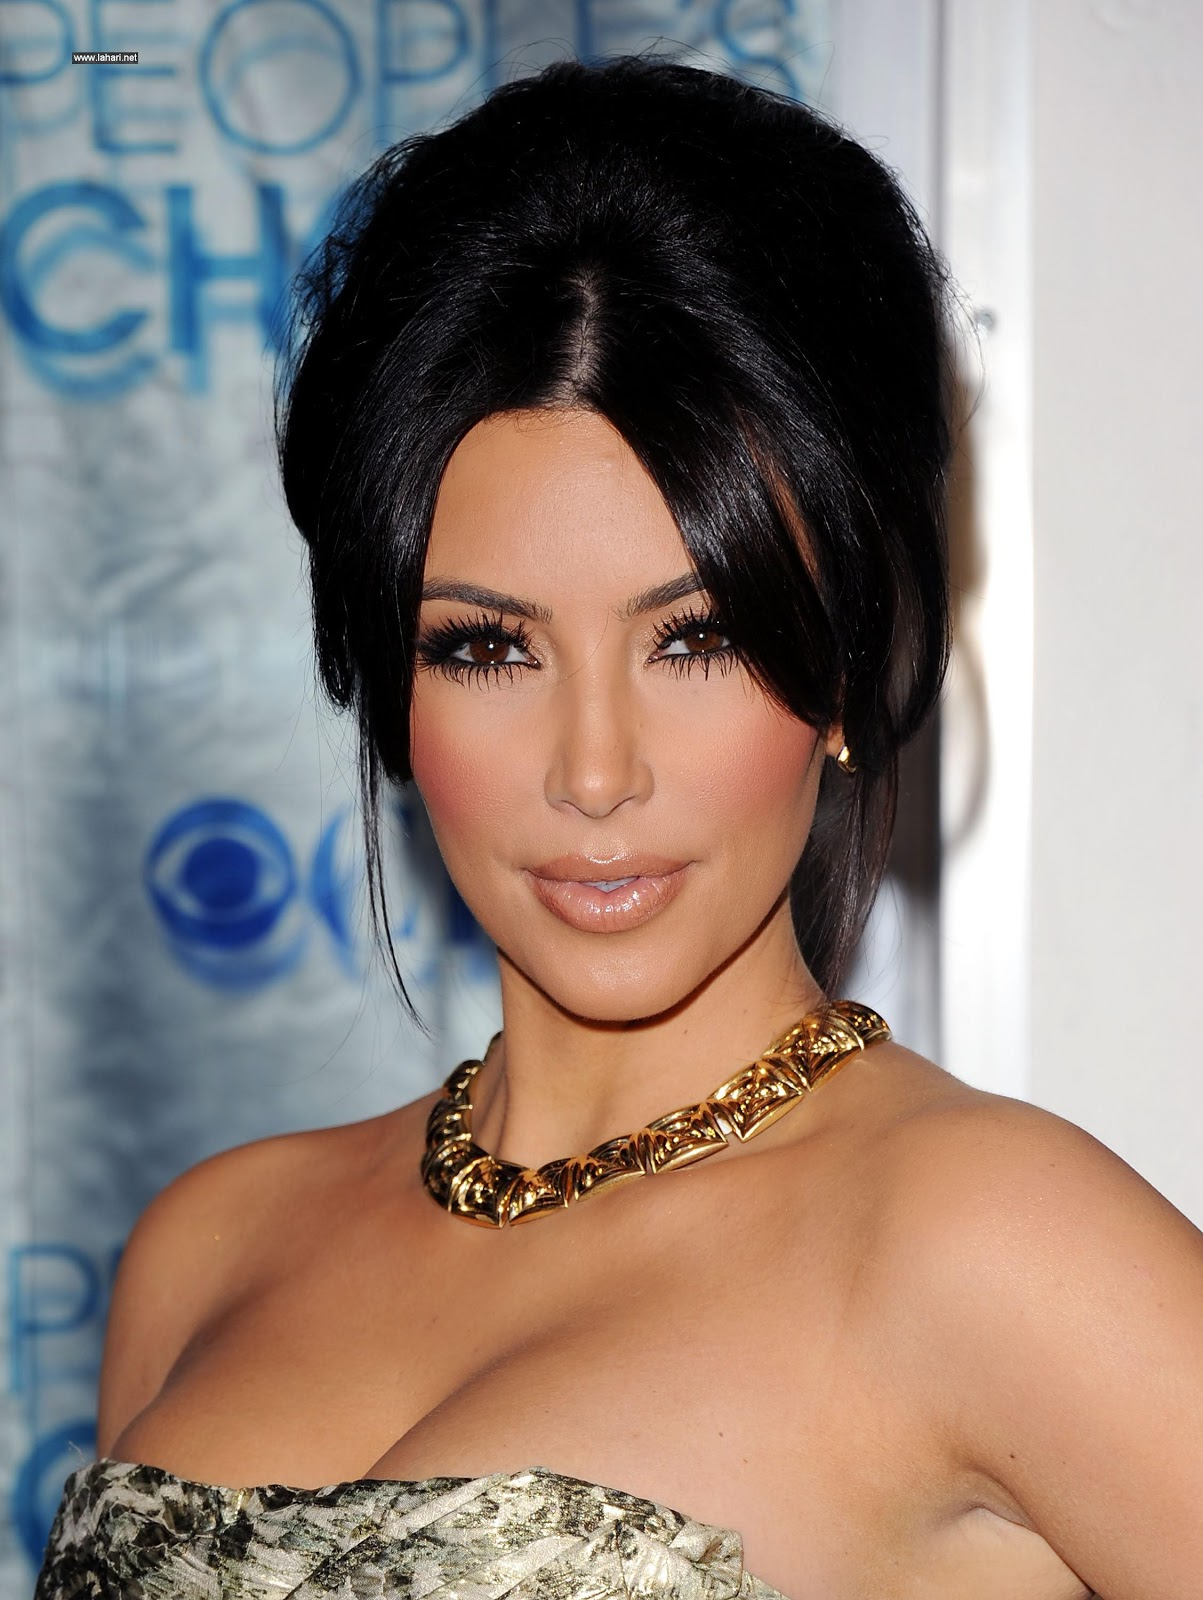 http://3.bp.blogspot.com/-ch5-WGnKFUA/TjWOYsJlPGI/AAAAAAAABt0/CW-8bsslkus/s1600/Kim-Kardashian-Wallpaper-017.jpg